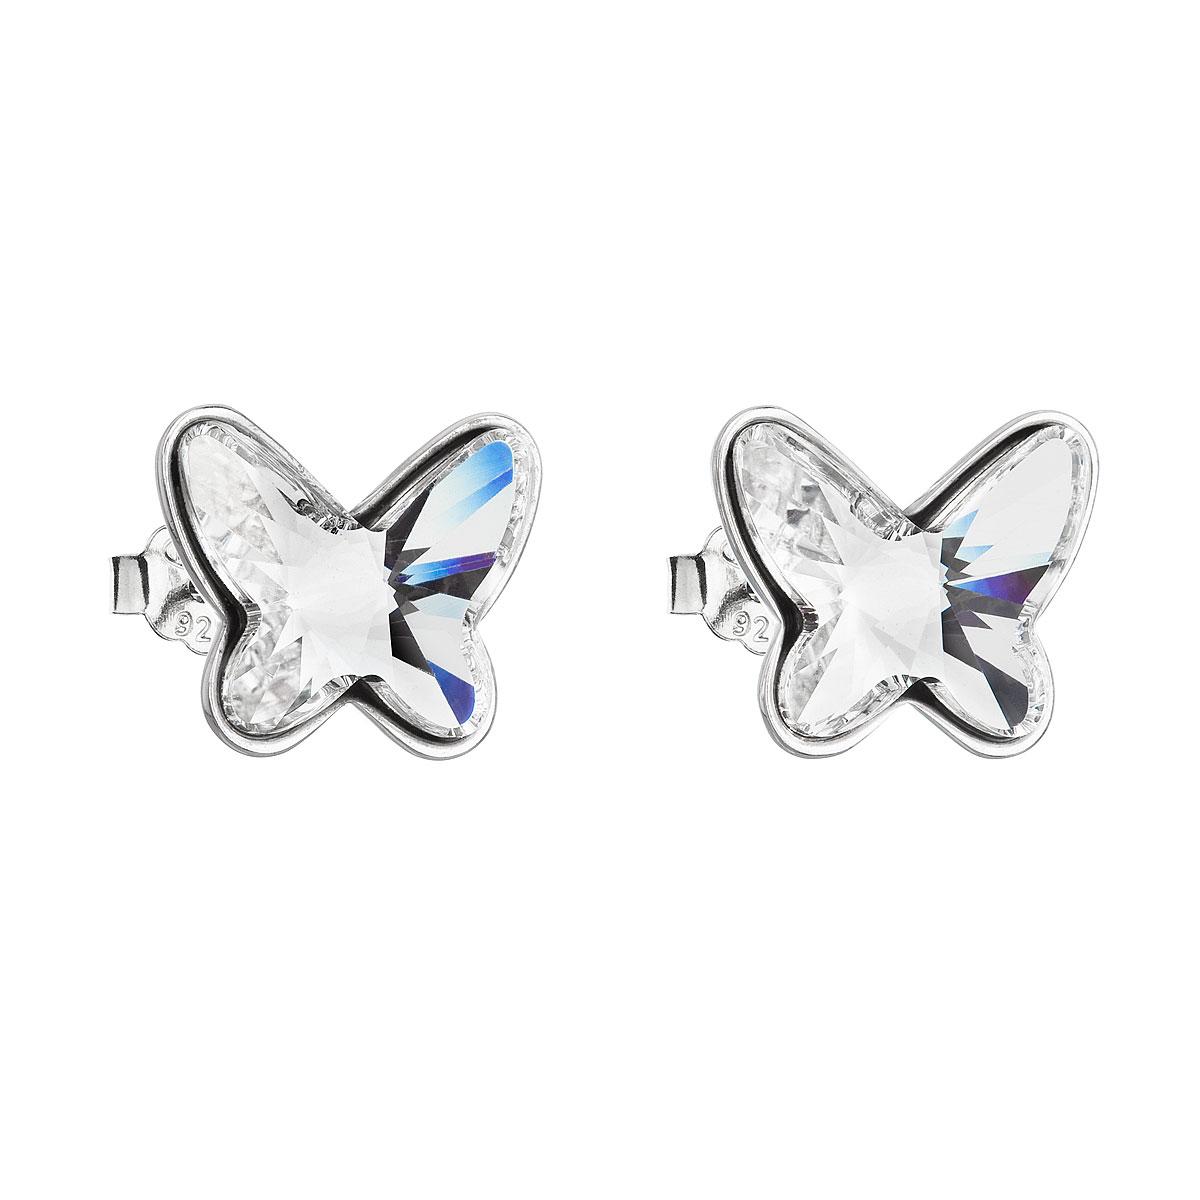 Strieborné náušnice kôstka s krištáľmi Swarovski biely motýľ 31251.1